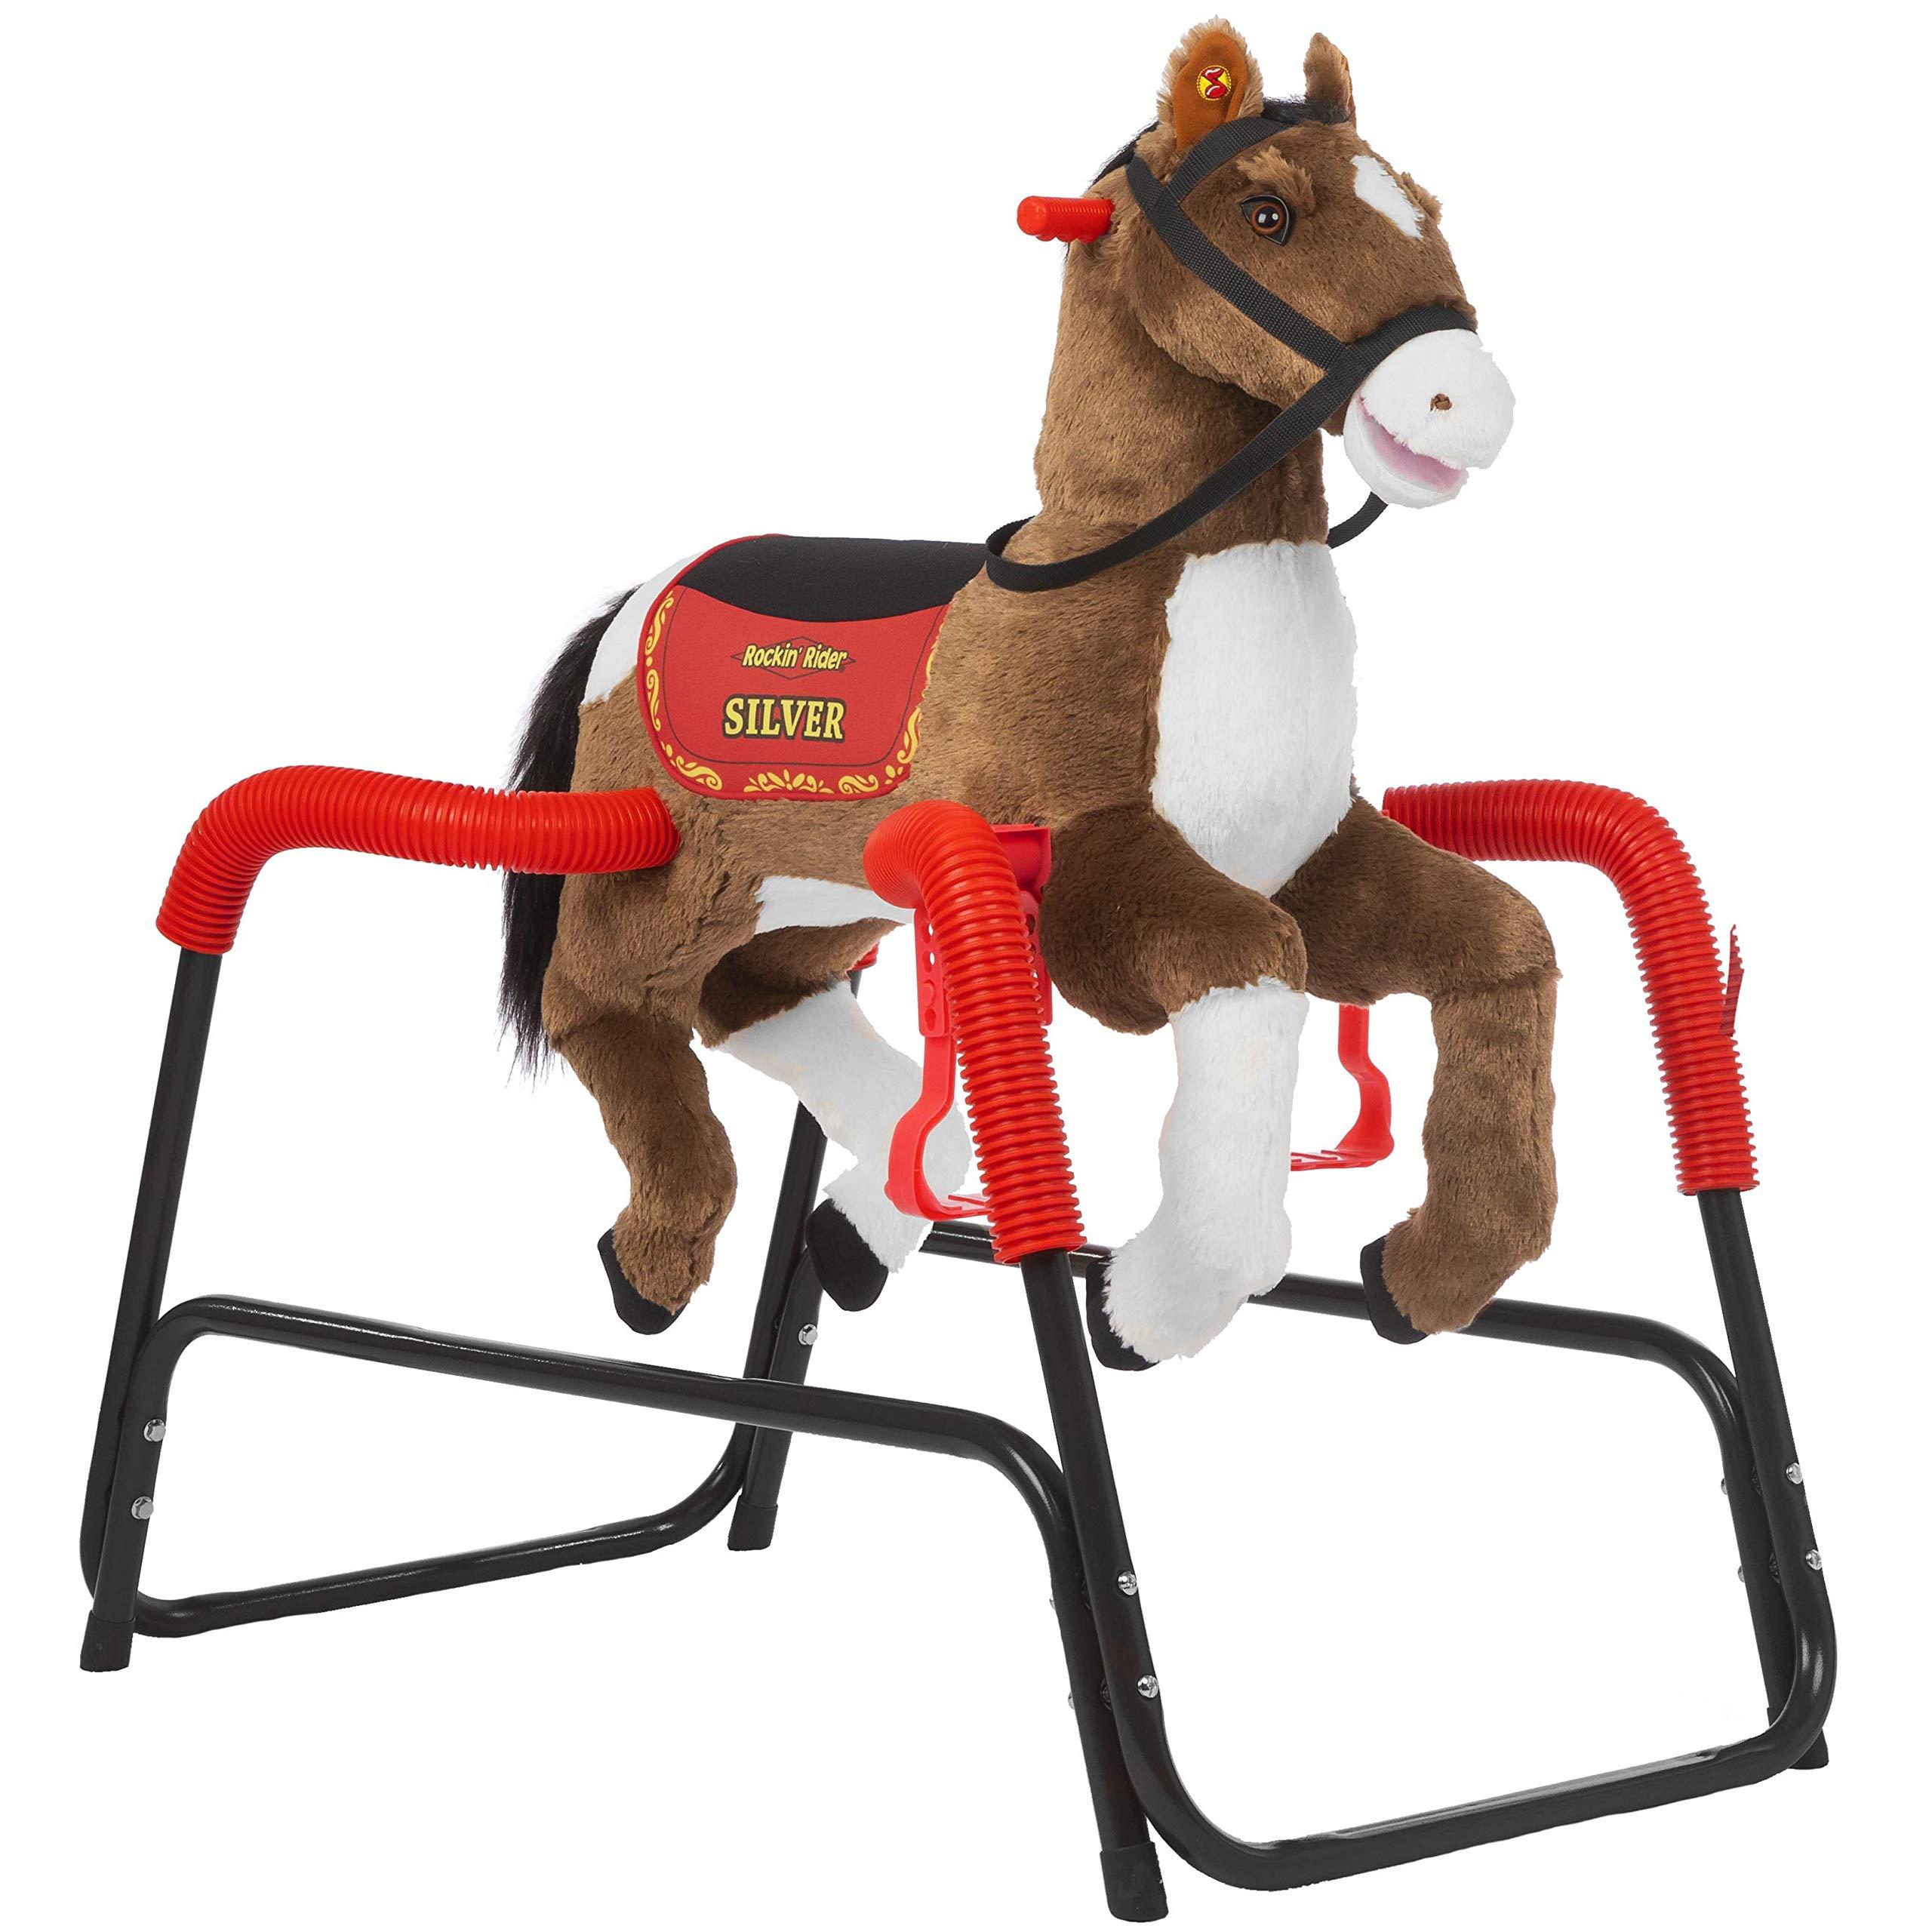 Rockin' Rider Silver Spring Horse, Brown